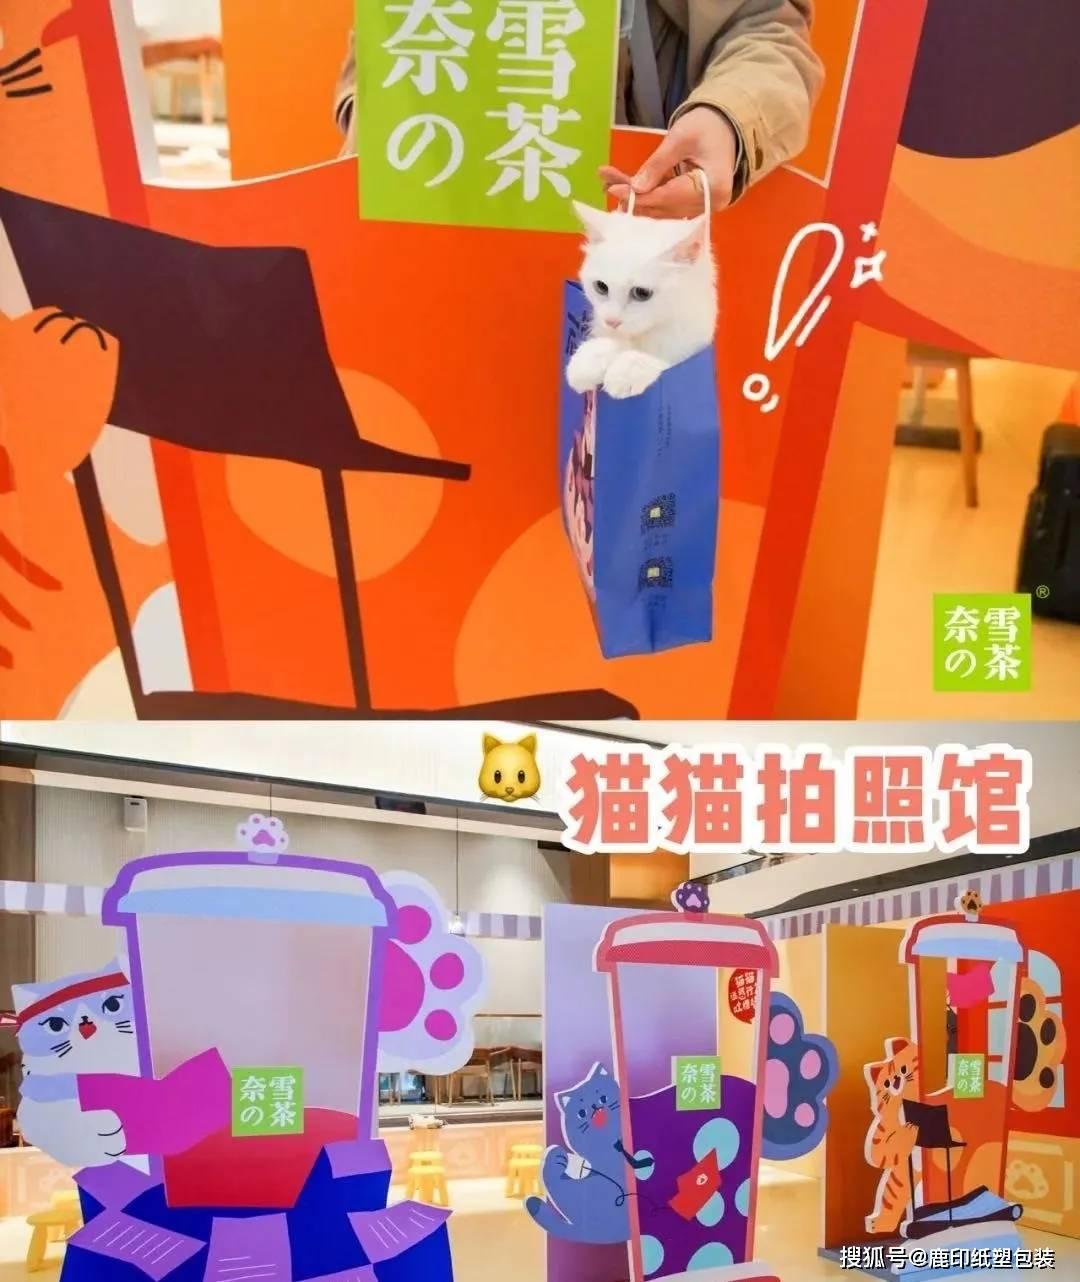 【鹿印网】餐饮大牌都在用的营销方式,门店传统营销已成过去式(图7)